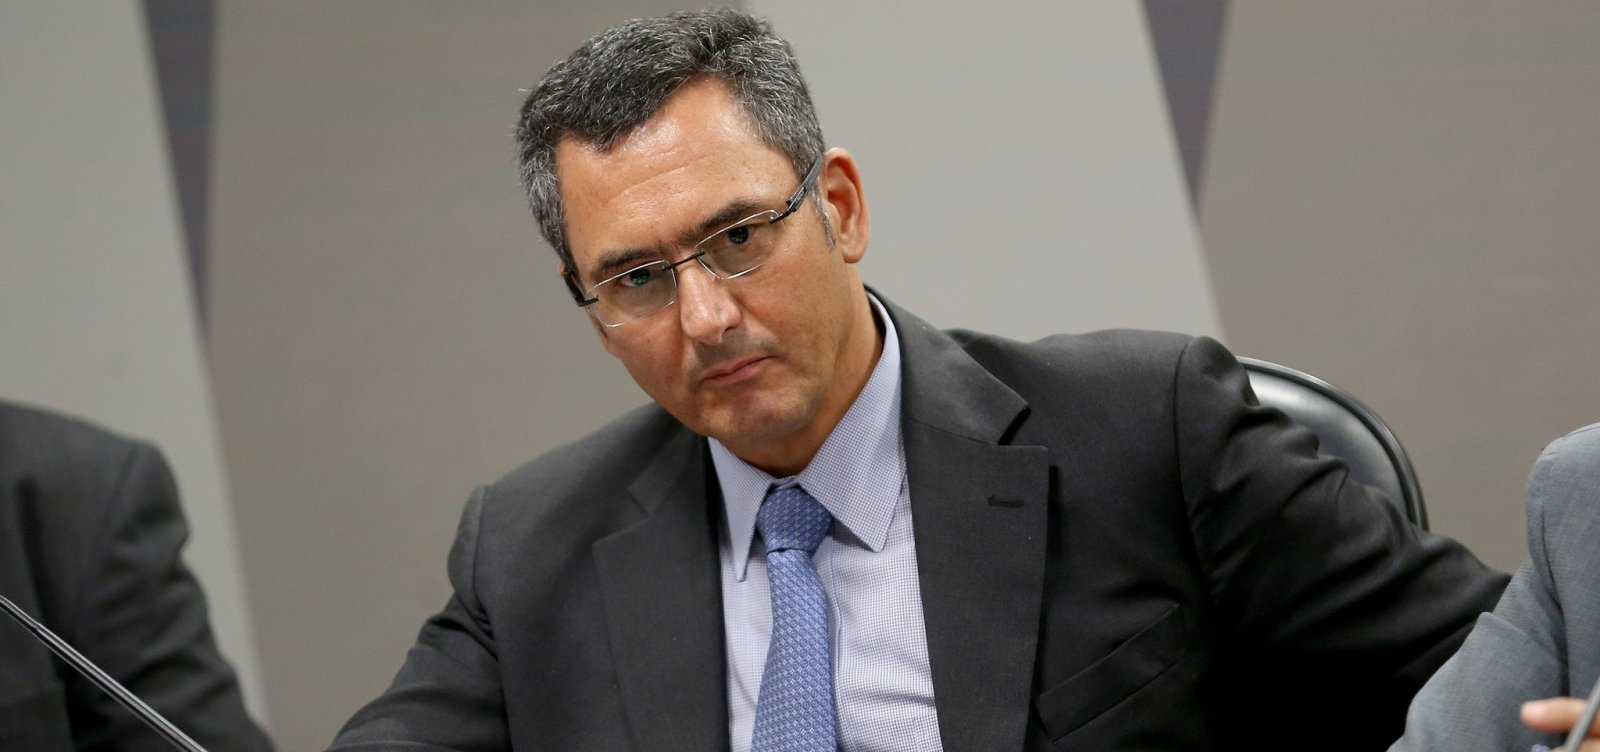 Guardia defende solução para crise fiscal em encontro com ministros do STF